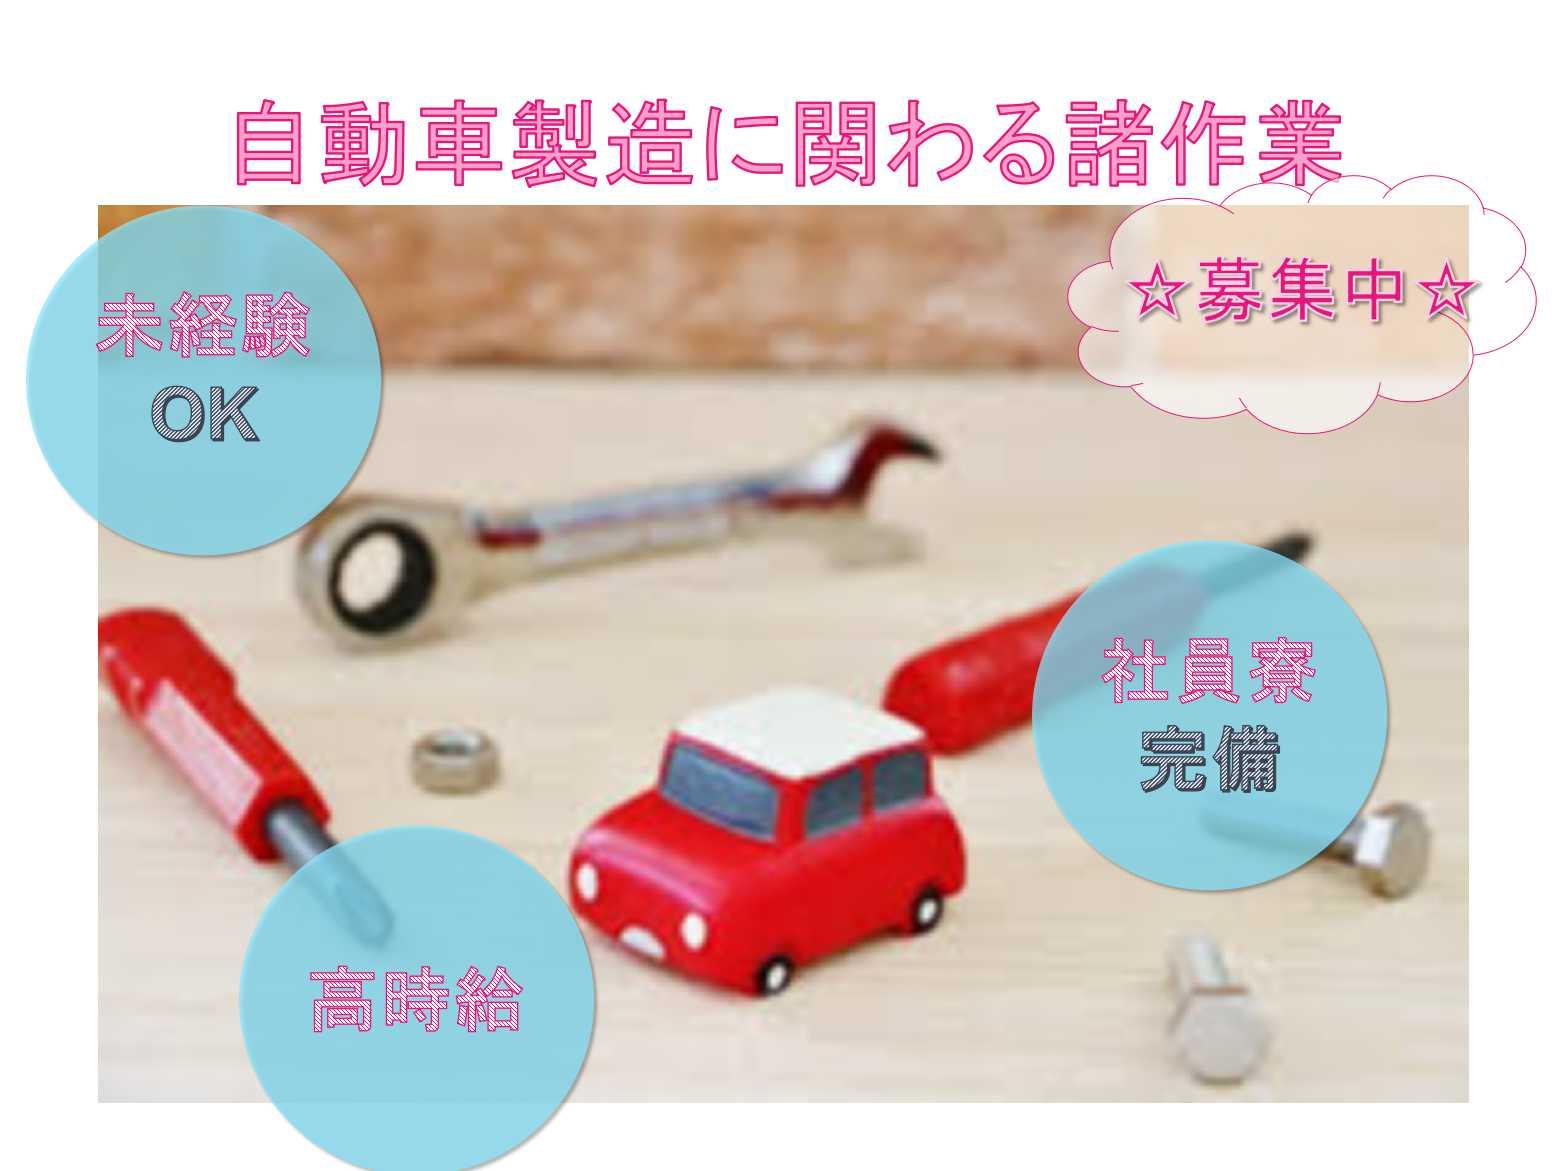 【愛知県刈谷市】社員寮完備◆高時給◆自動車製造に関わる諸作業◆ イメージ